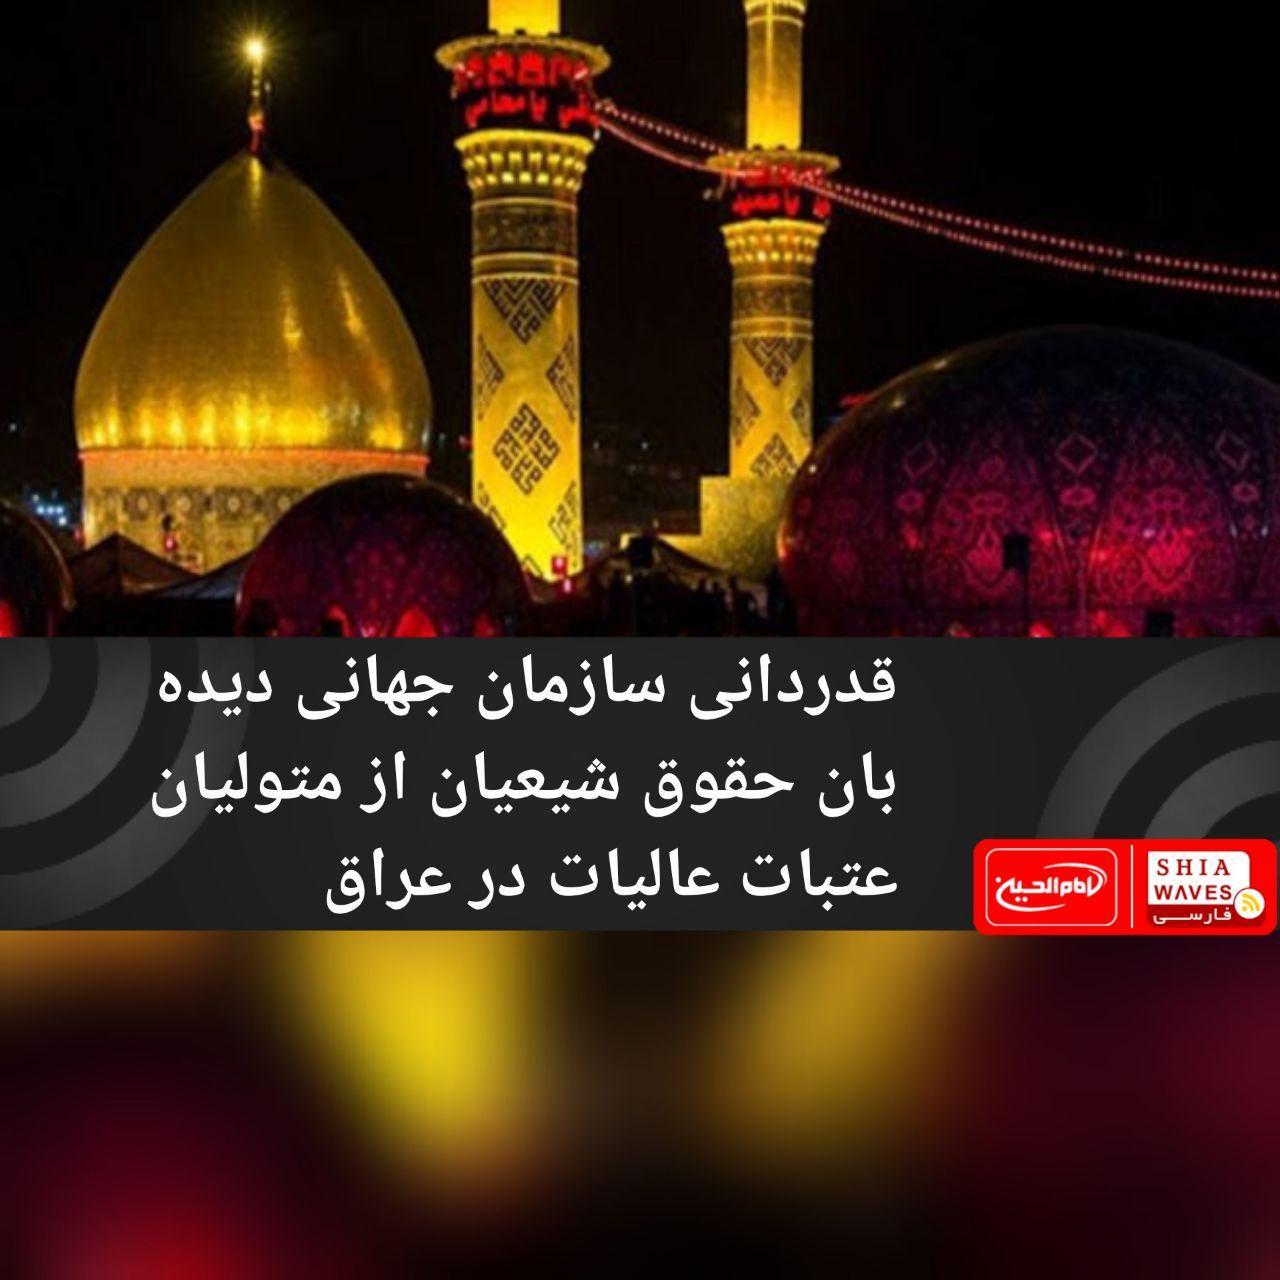 تصویر قدردانی سازمان جهانی دیده بان حقوق شیعیان از متولیان عتبات عالیات در عراق